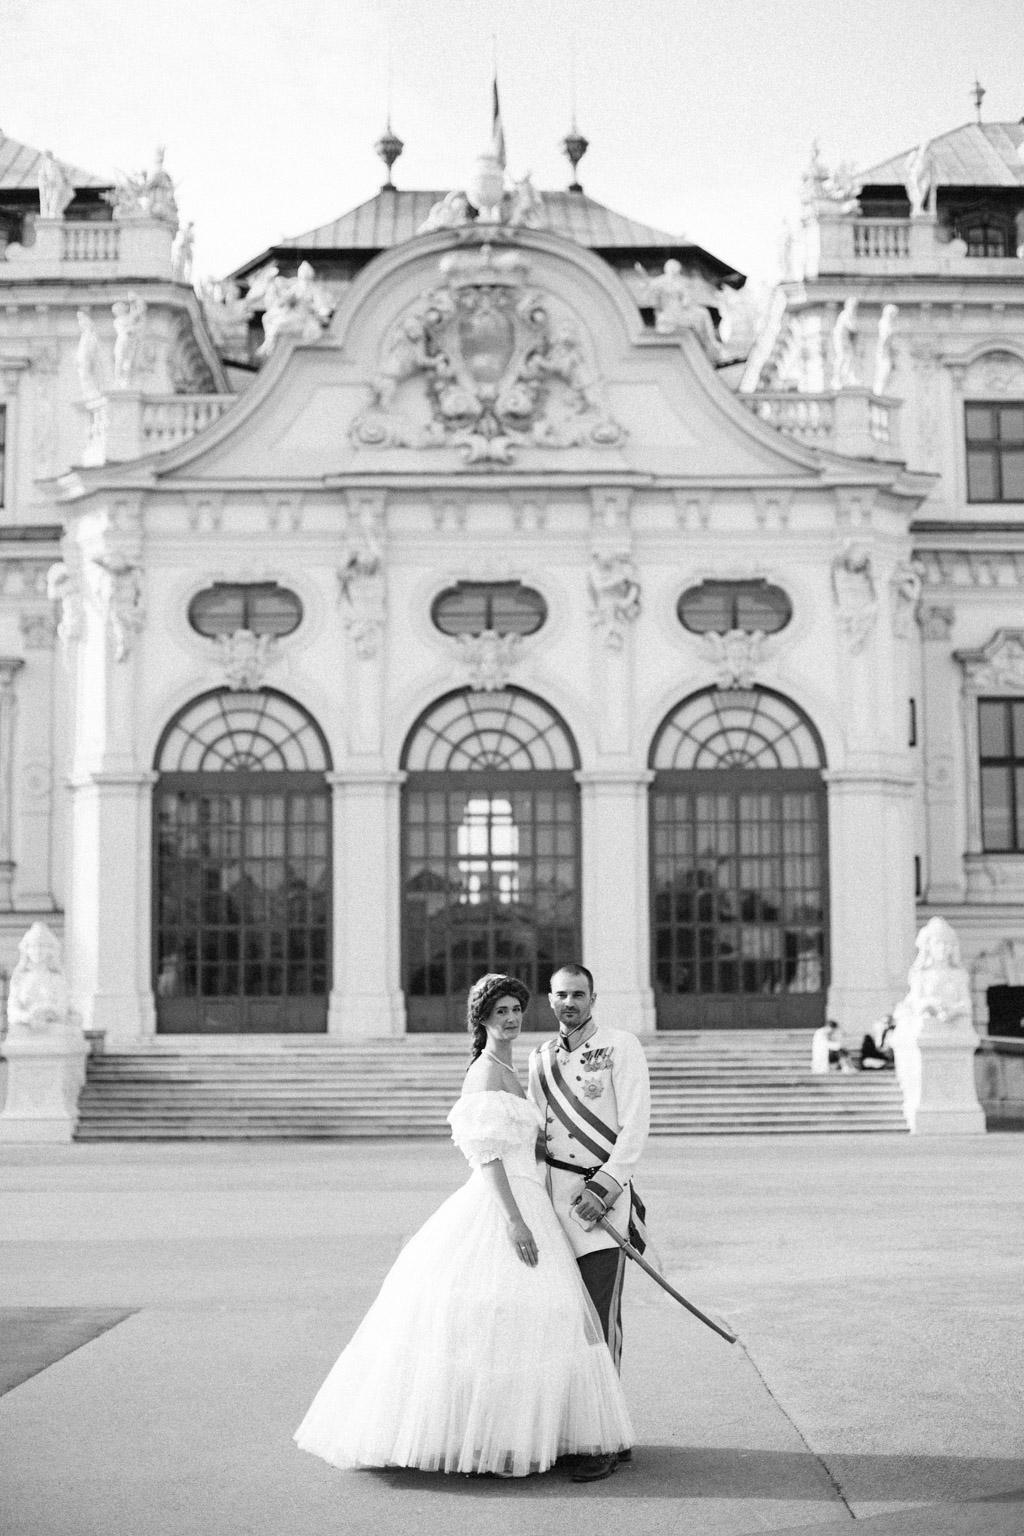 surprise-birthday-wedding-anniversary-themed-shooting-hotel-imperial-schloss-belvedere-vienna-austria-melanie-nedelko-photography-sissi-franz (36).JPG